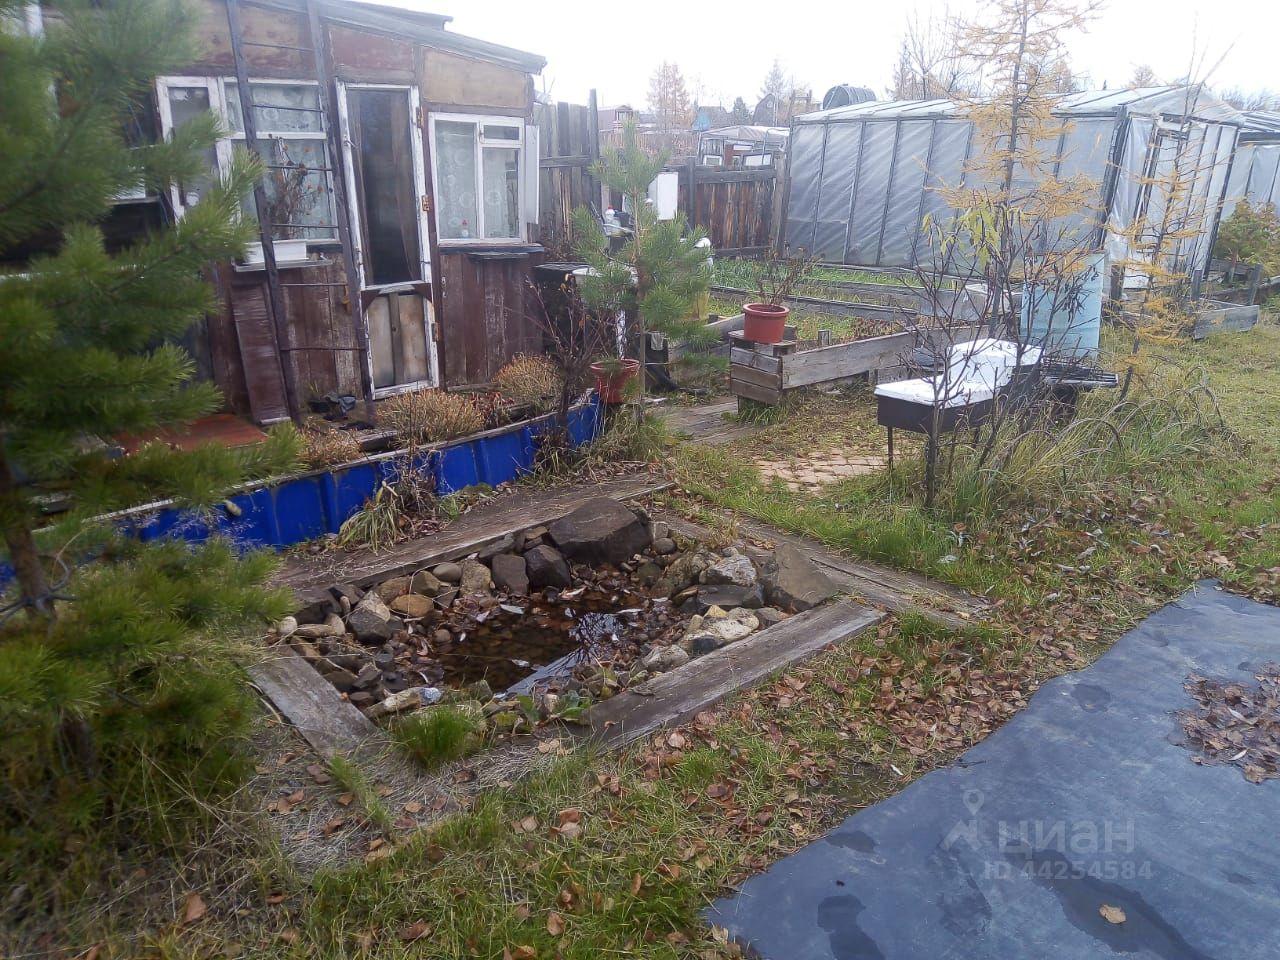 Продажа дома 17м² Саха (Якутия) респ., Мирный, 6 - база ЦИАН, объявление 219808792